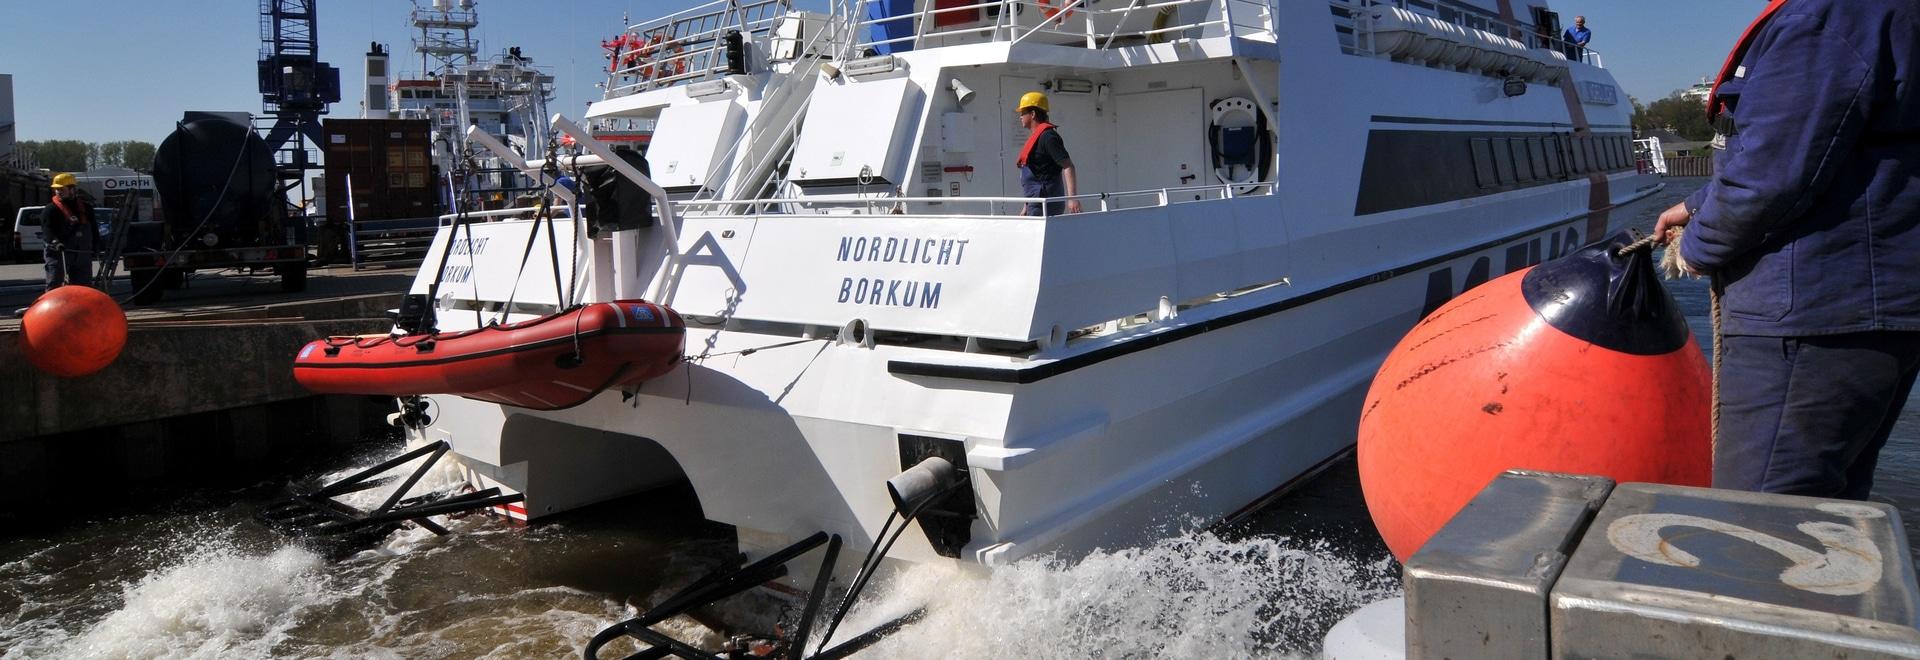 Nordlicht gets new waterjets